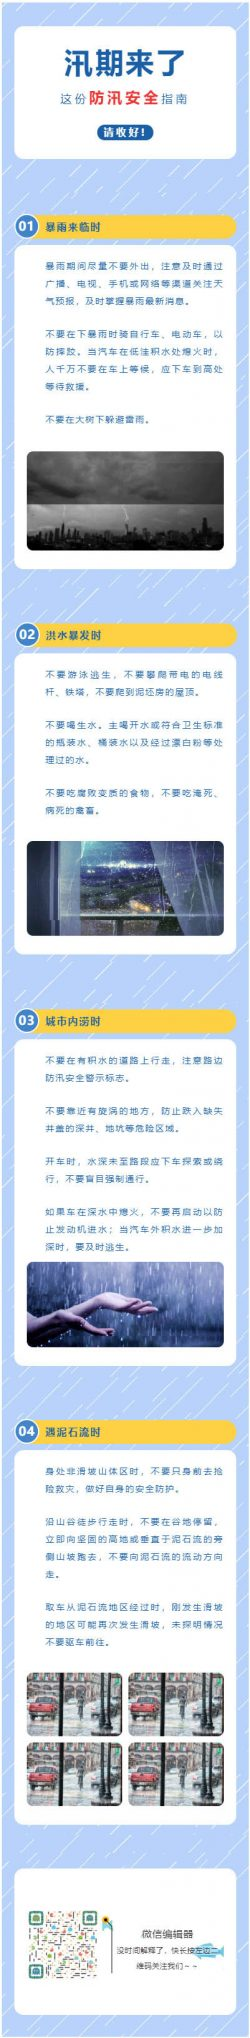 微信防汛安全指南推文模板公众号暴雨预警天气预报推送文章素材